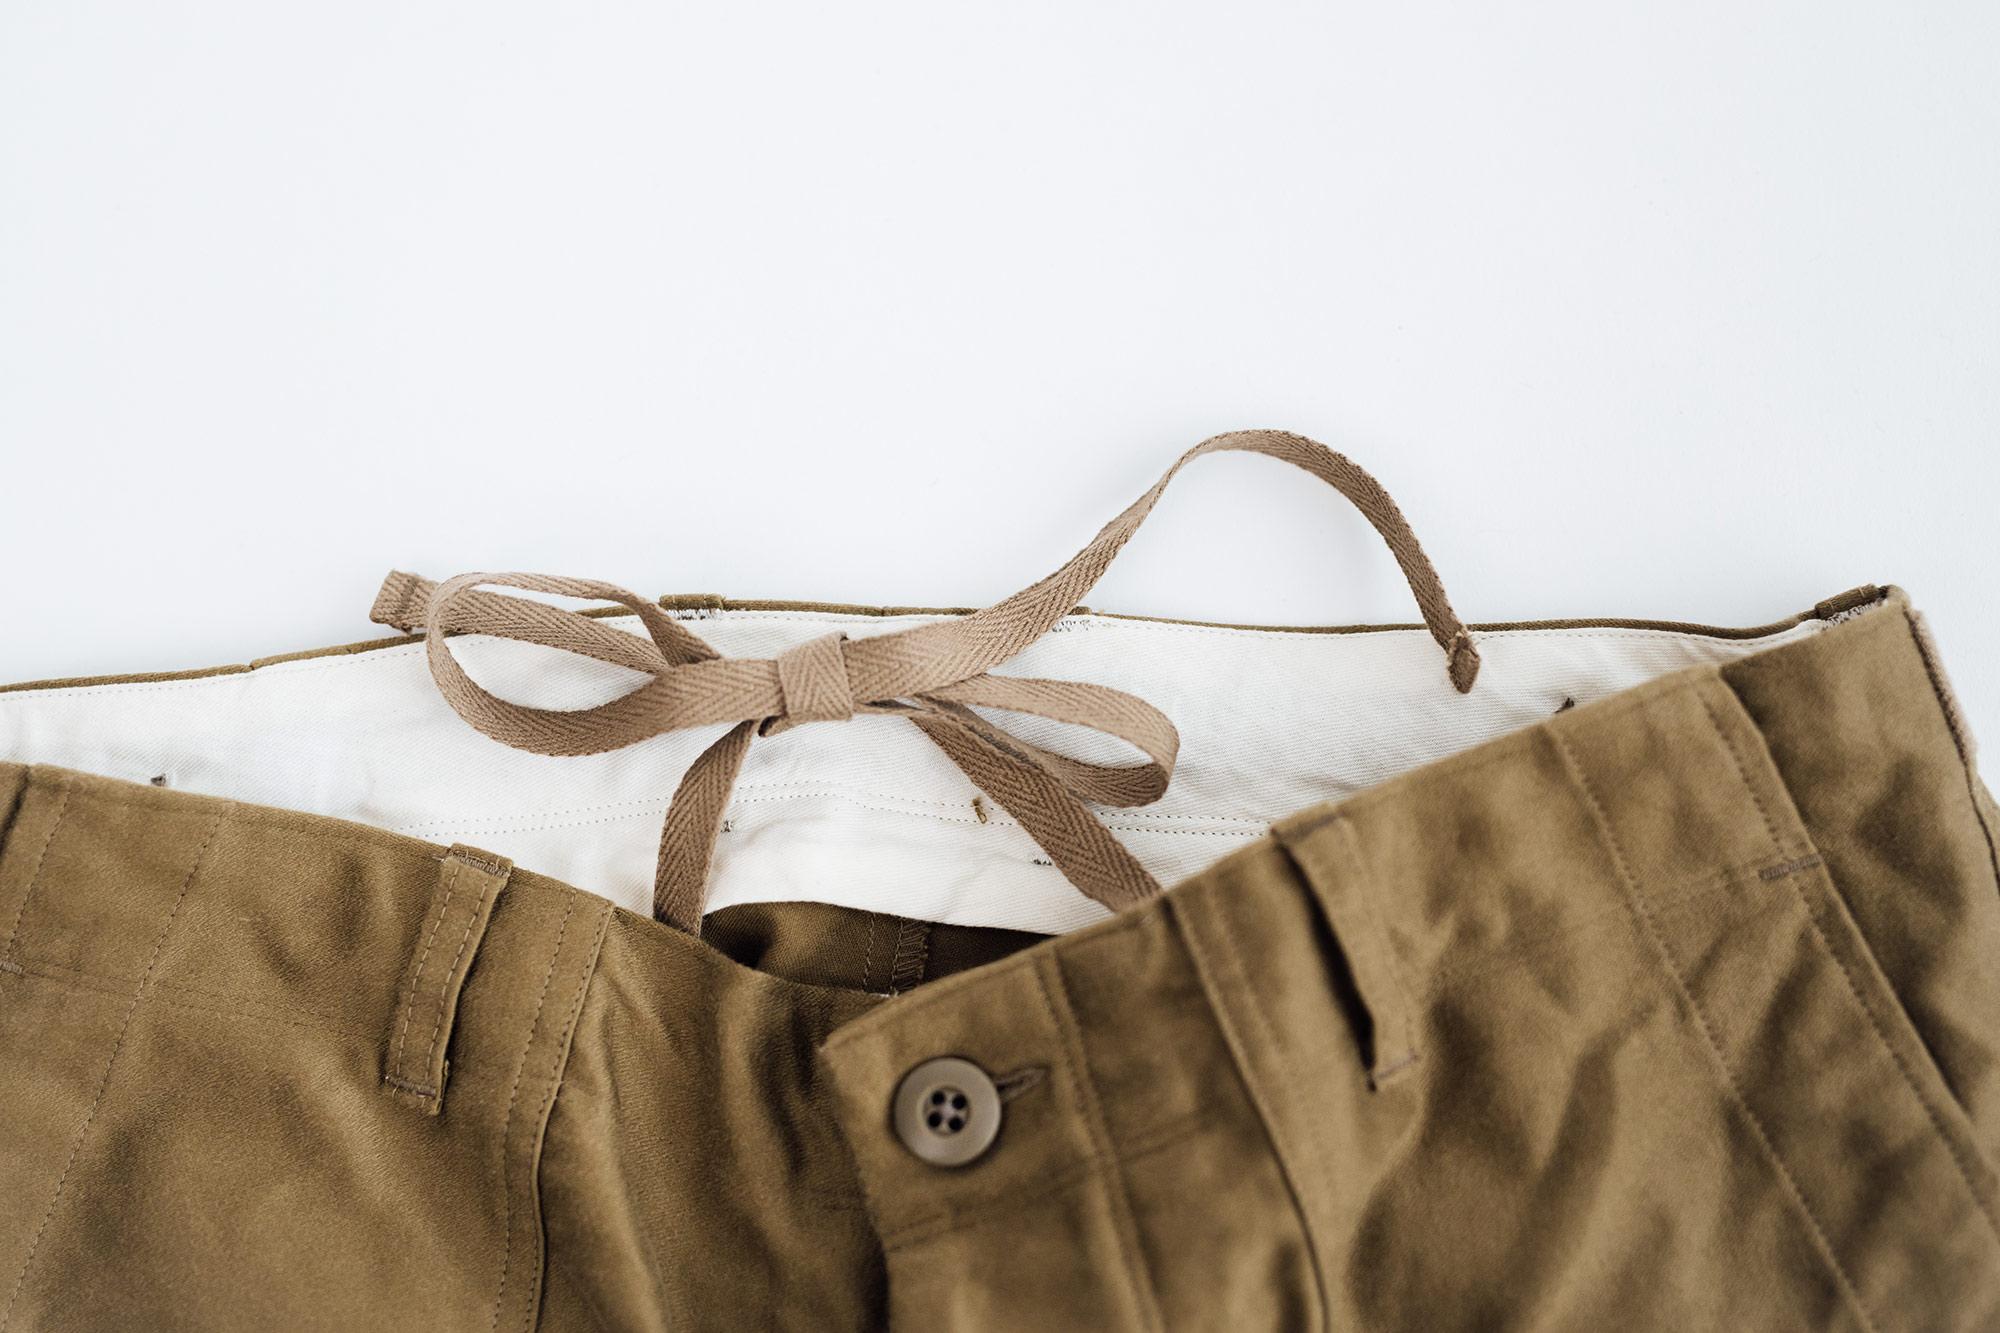 maillot モレスキン イージーベーカーパンツ